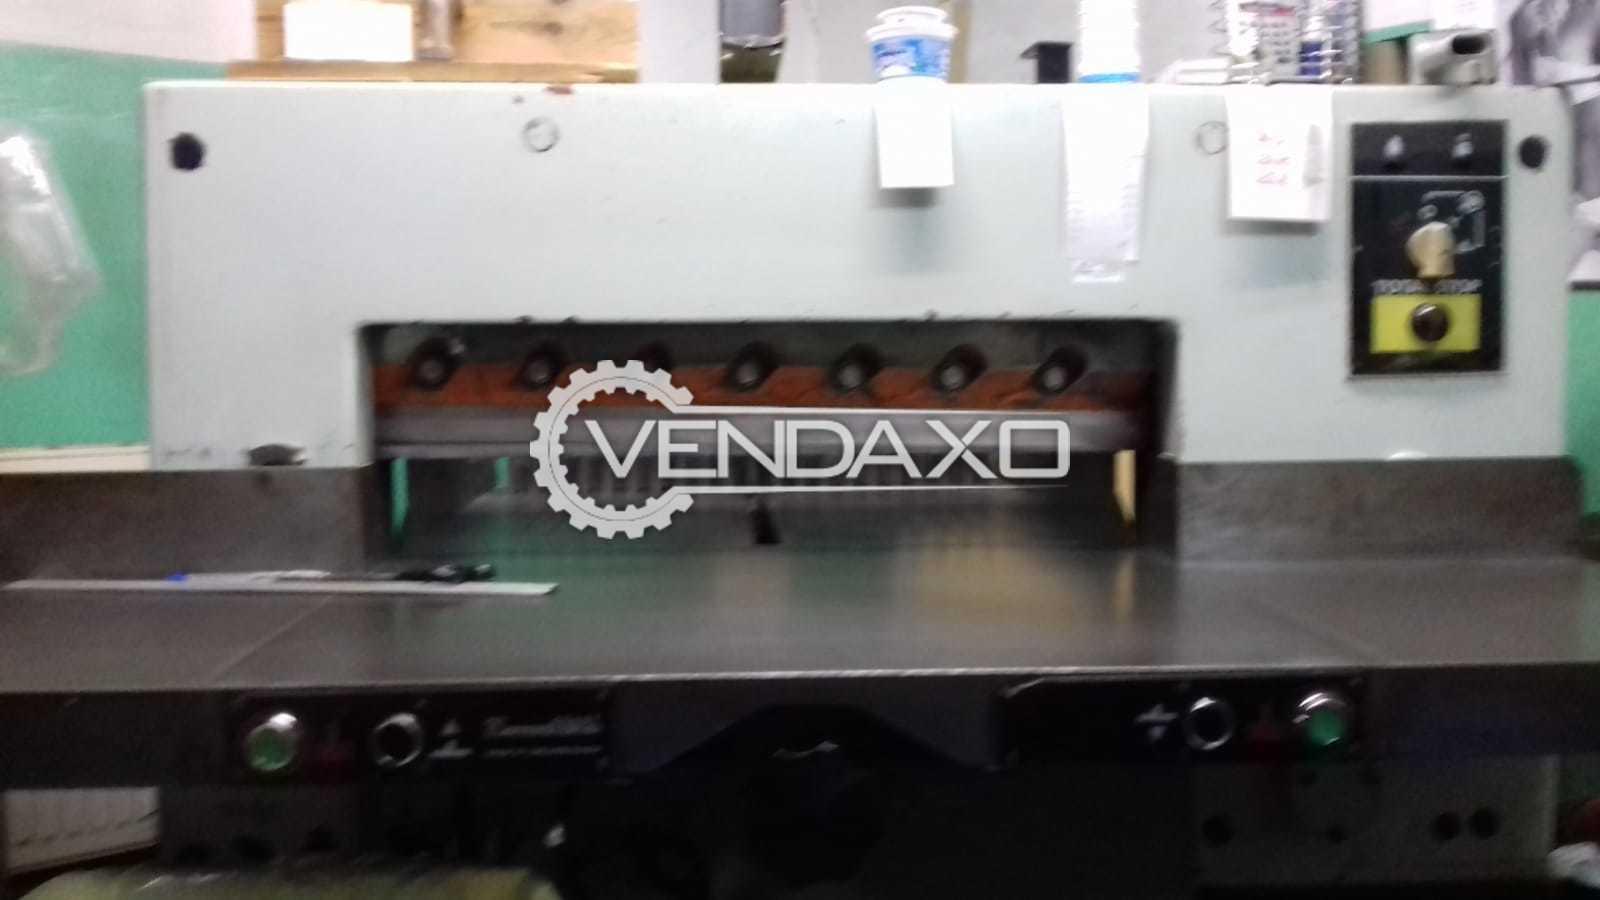 Adast MAXIMA 80-5 Paper Cutter Machine - Size - 32 Inch